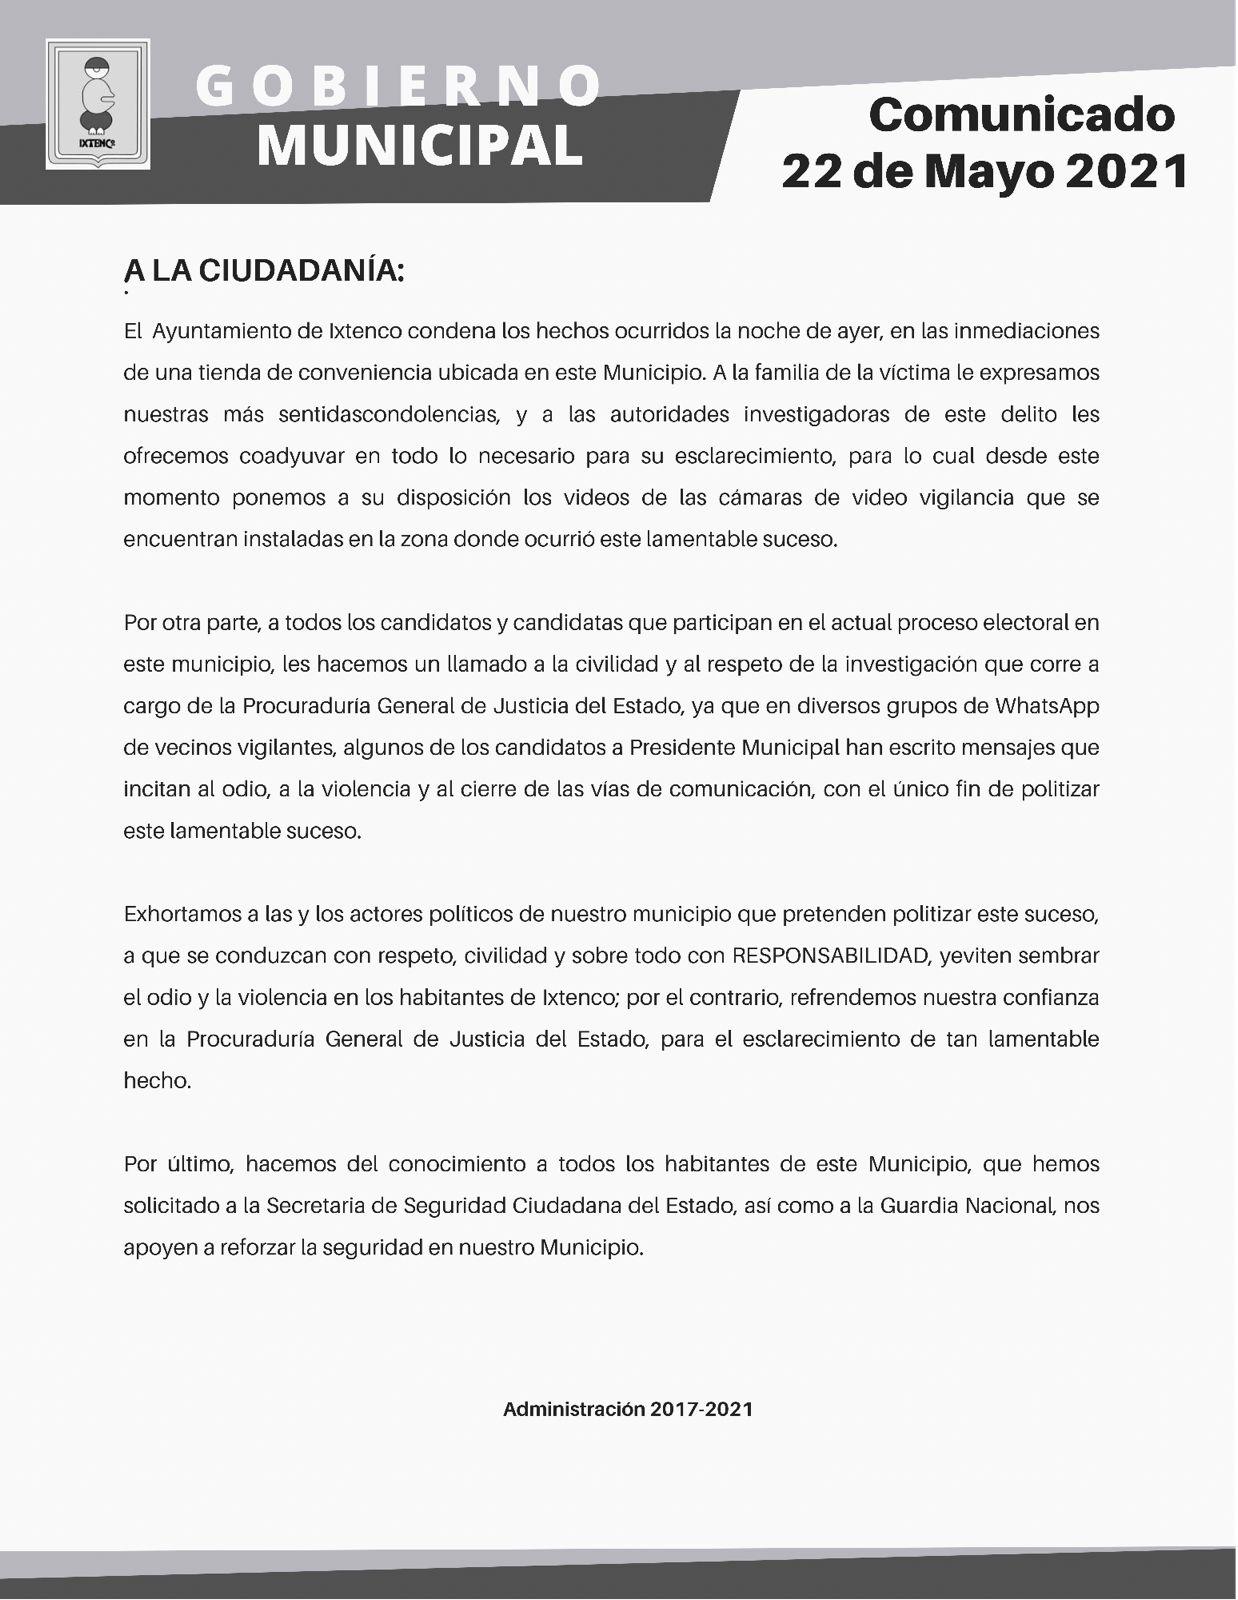 Posicionamiento del ayuntamiento de Ixtenco sobre el homicidio ocurrido ayer